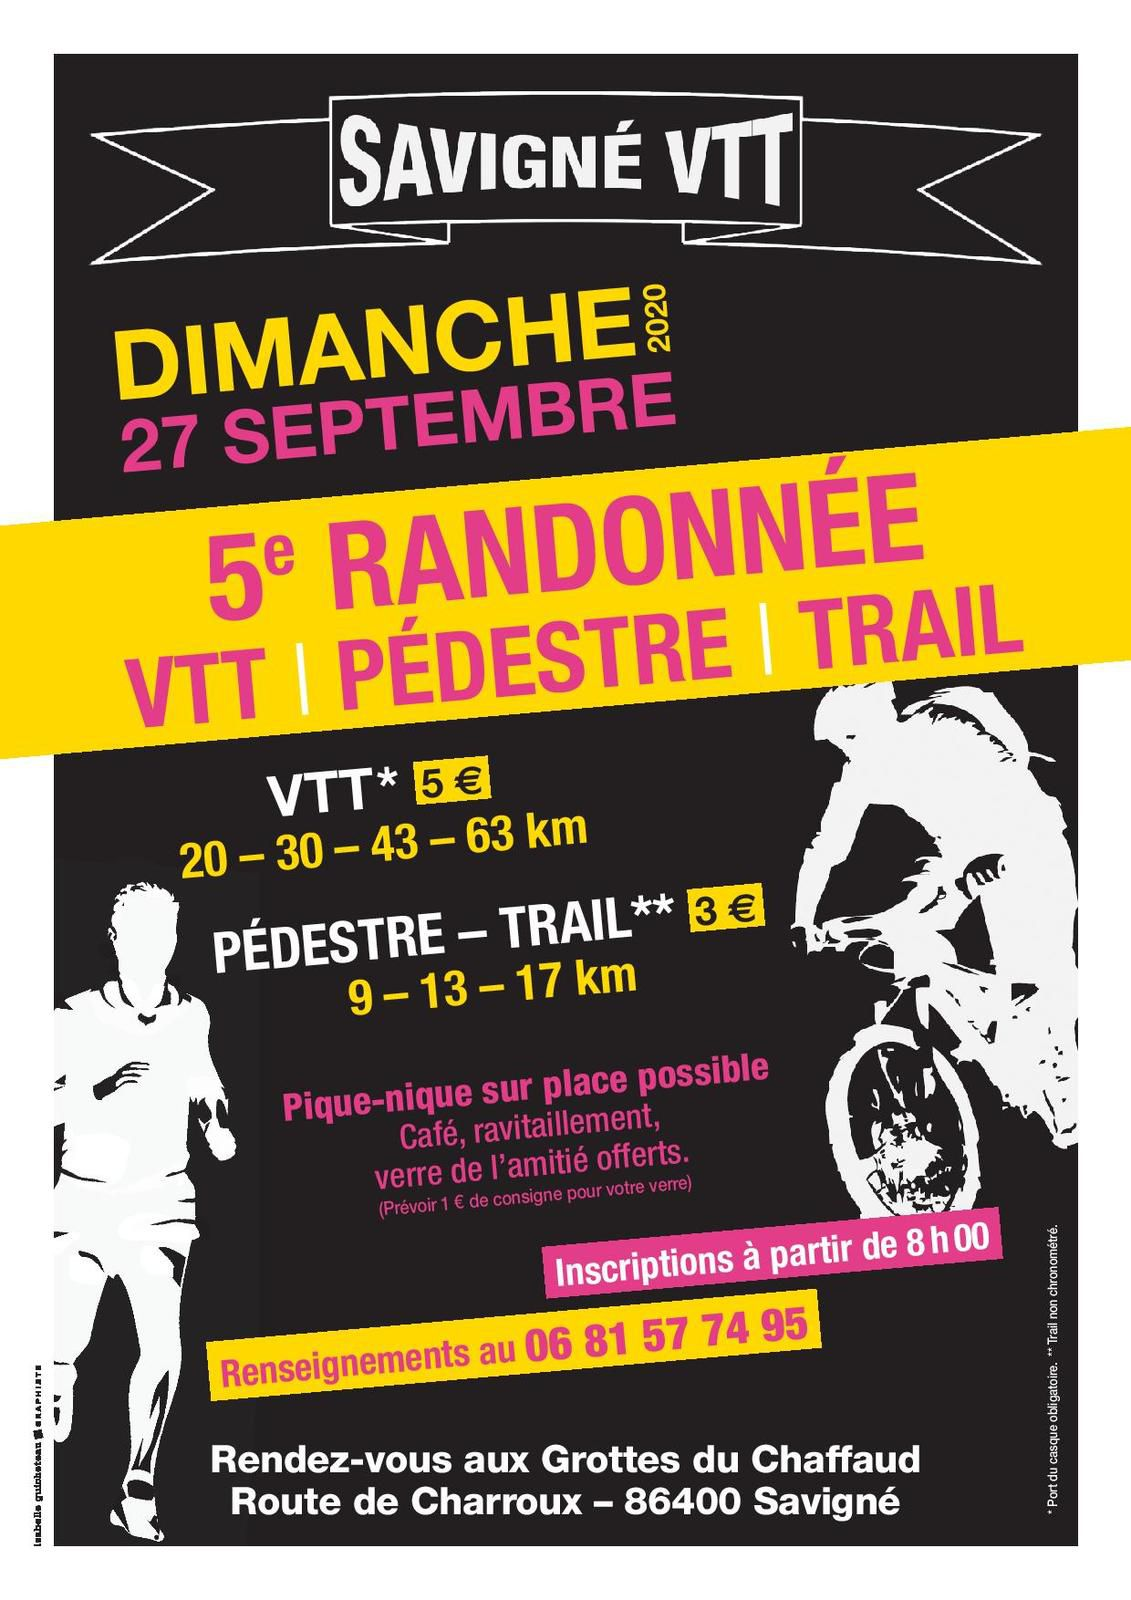 Dimanche 27 septembre 2020 :5ème randonnée de VTT à Savigné